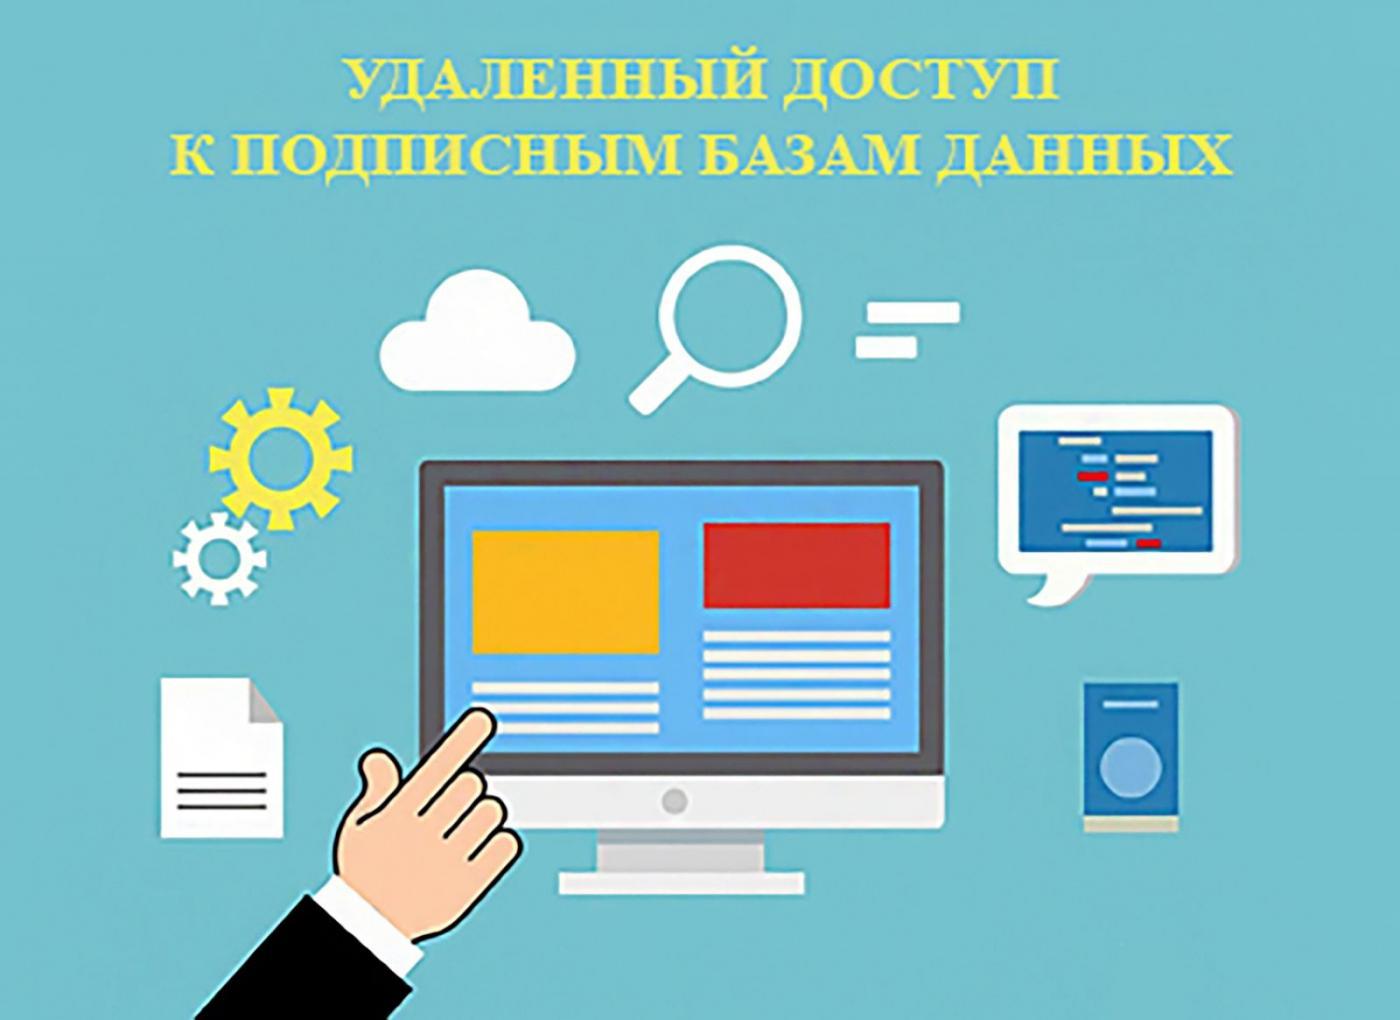 Удаленный доступ к электронным ресурсам Научной библиотеки БНТУ